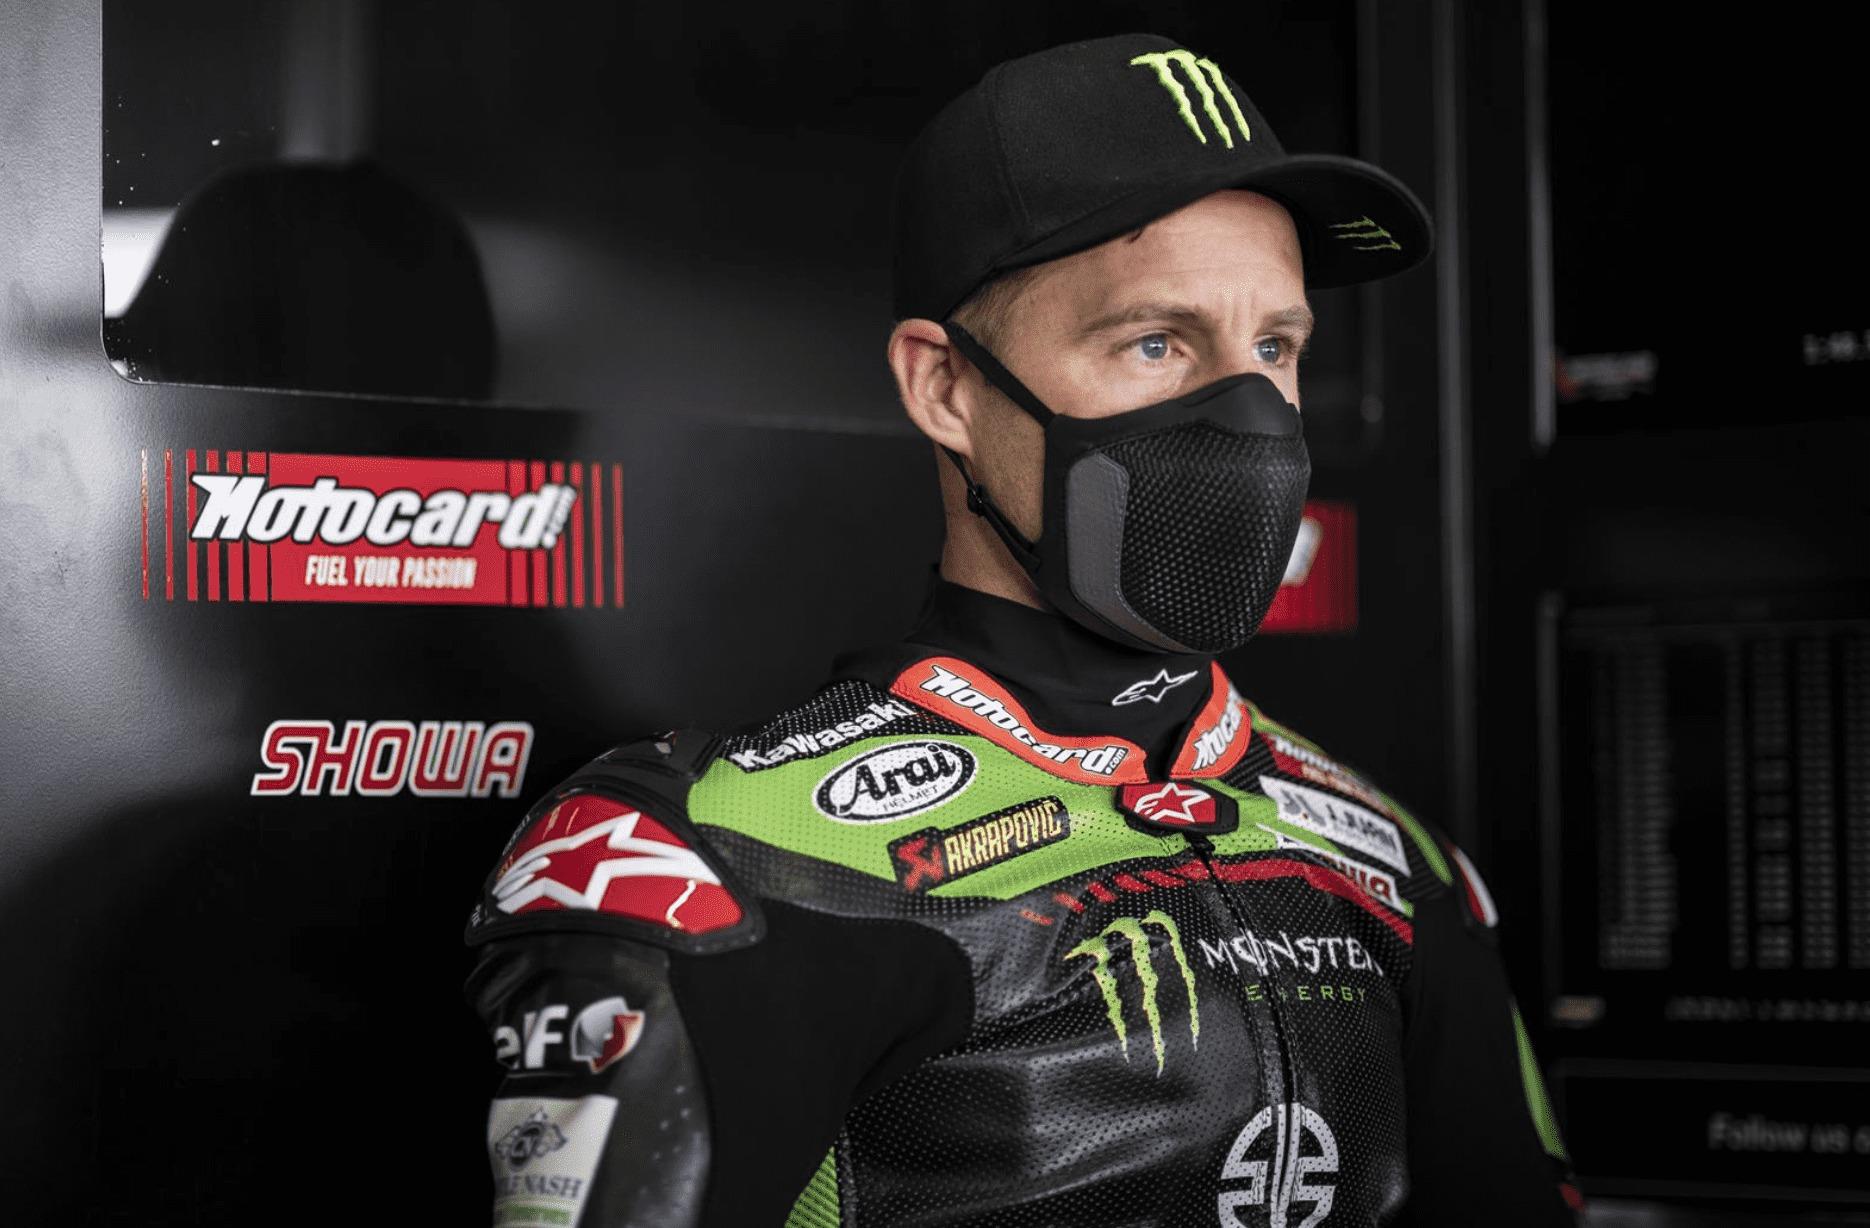 FIM スーパーバイク世界選手権(SBK)2021 アラゴン戦 ジョナサン・レイ「良い形で開幕戦のスタートを切りたい」